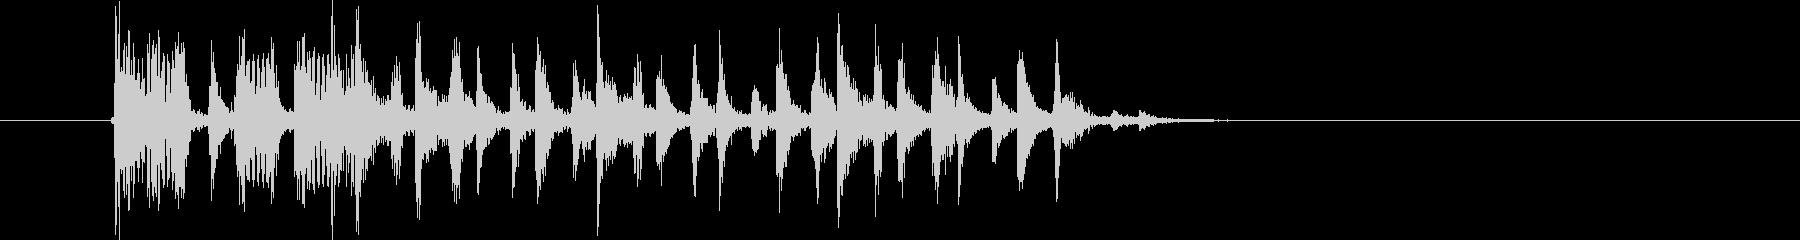 リズミカルなR&Bポップスの未再生の波形